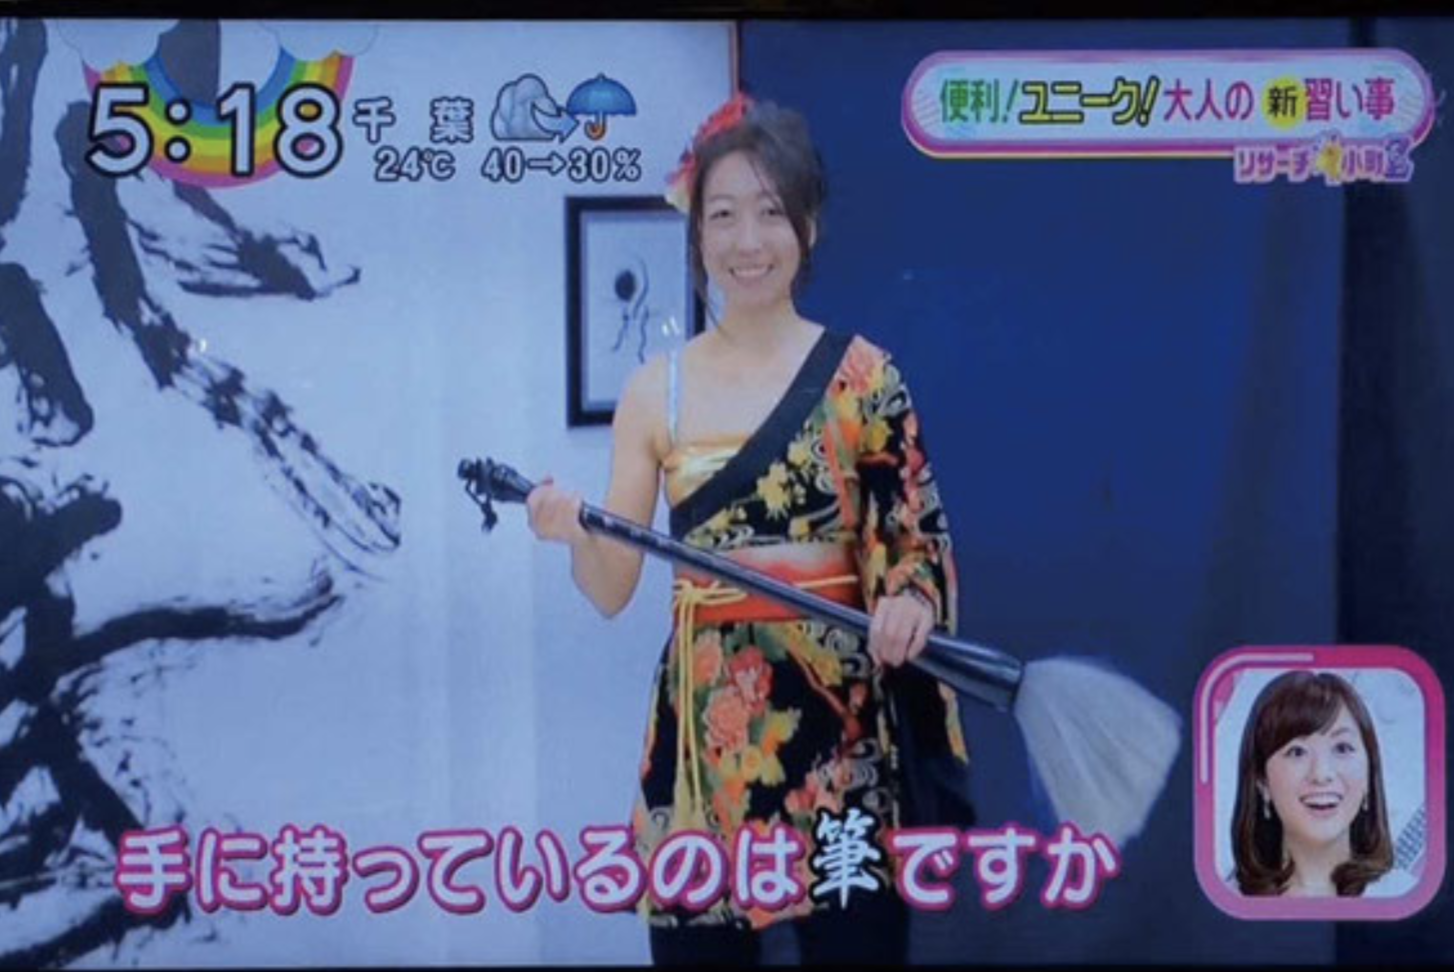 日本テレビ Oha!4 NewsLiveで書道パフォーマンス体験が紹介されました。